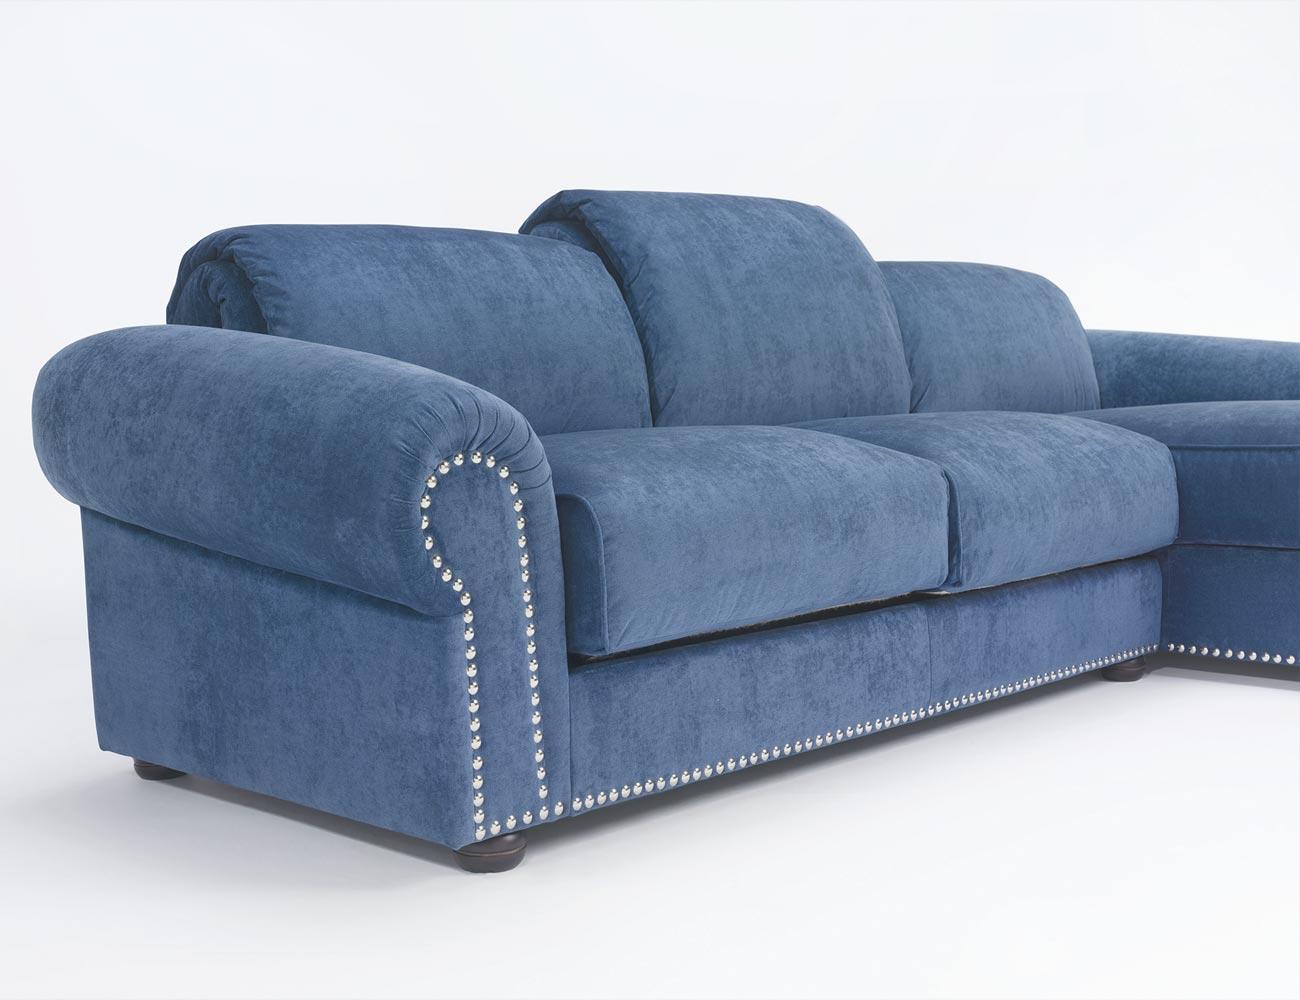 Sofa chaiselongue gran lujo decorativo azul 15